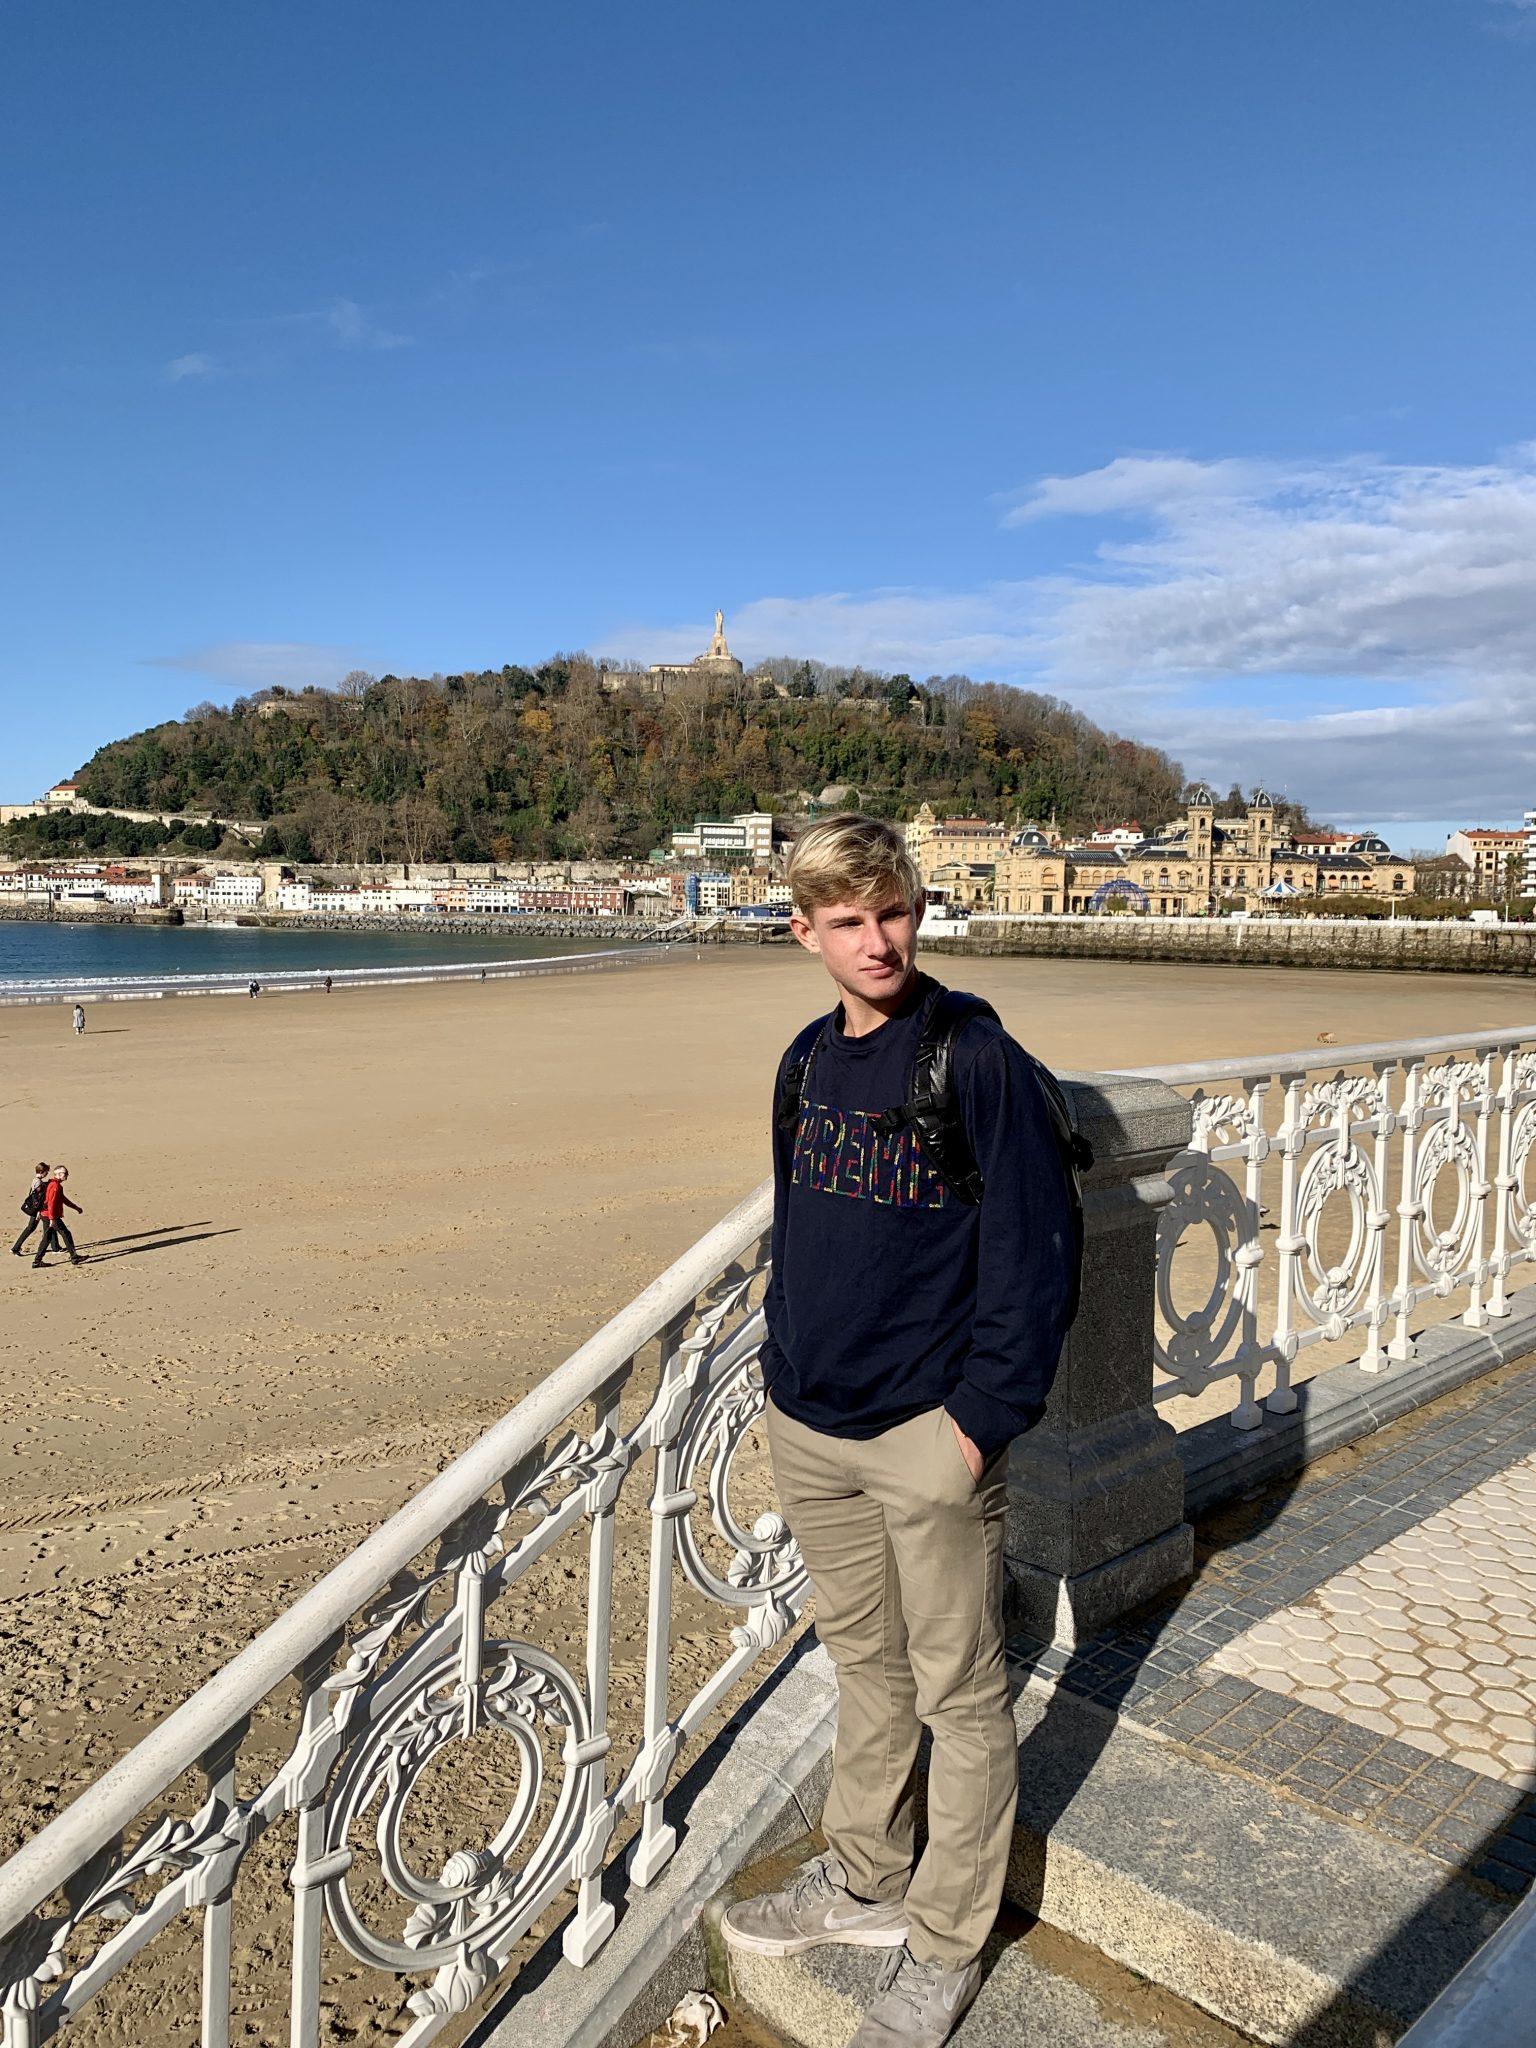 the beach in san sebastian spain